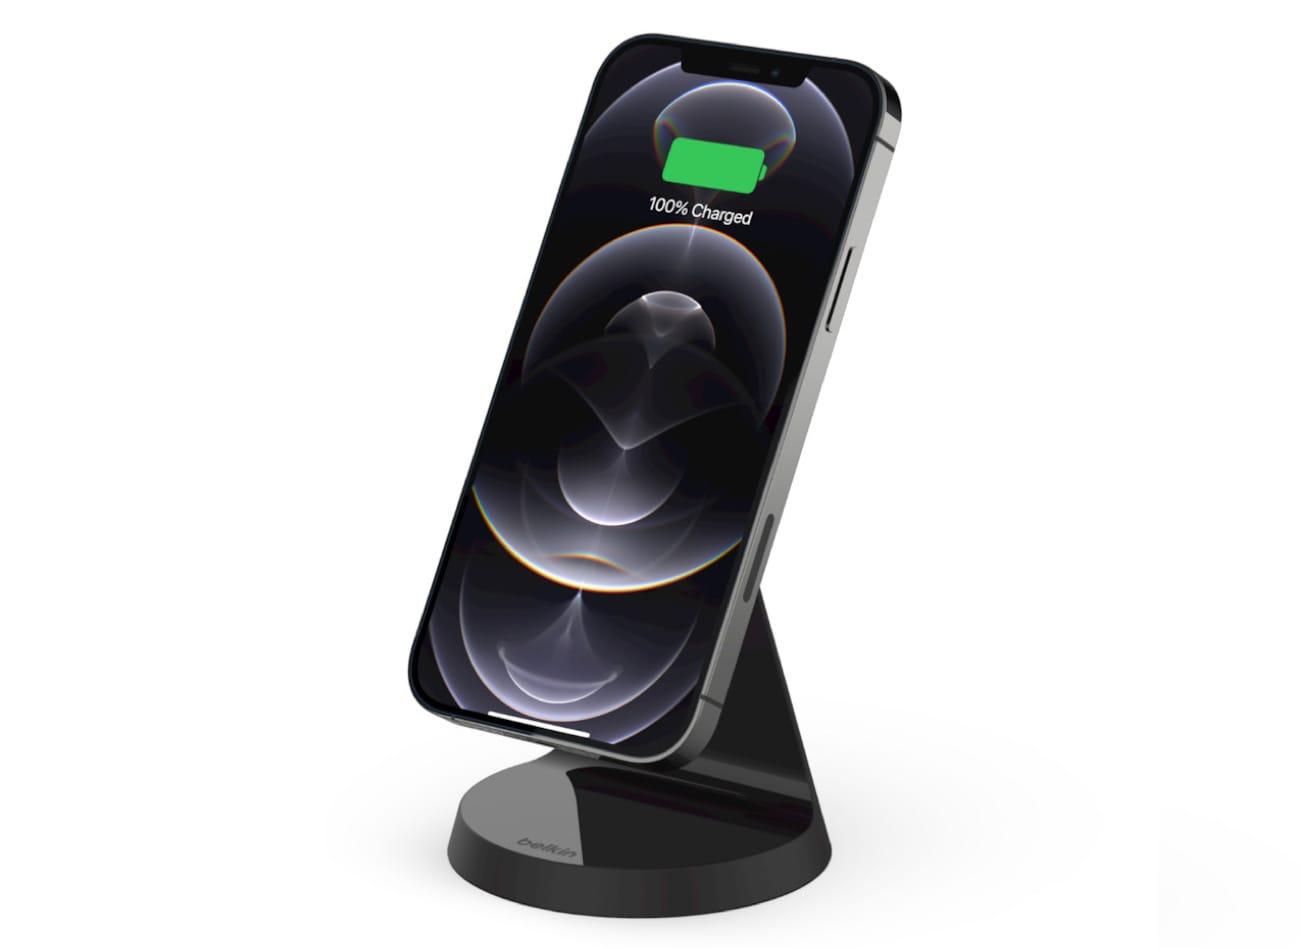 ベルキン、iPhone 13/12シリーズ向けの磁気ワイヤレス充電スタンドなどを発売